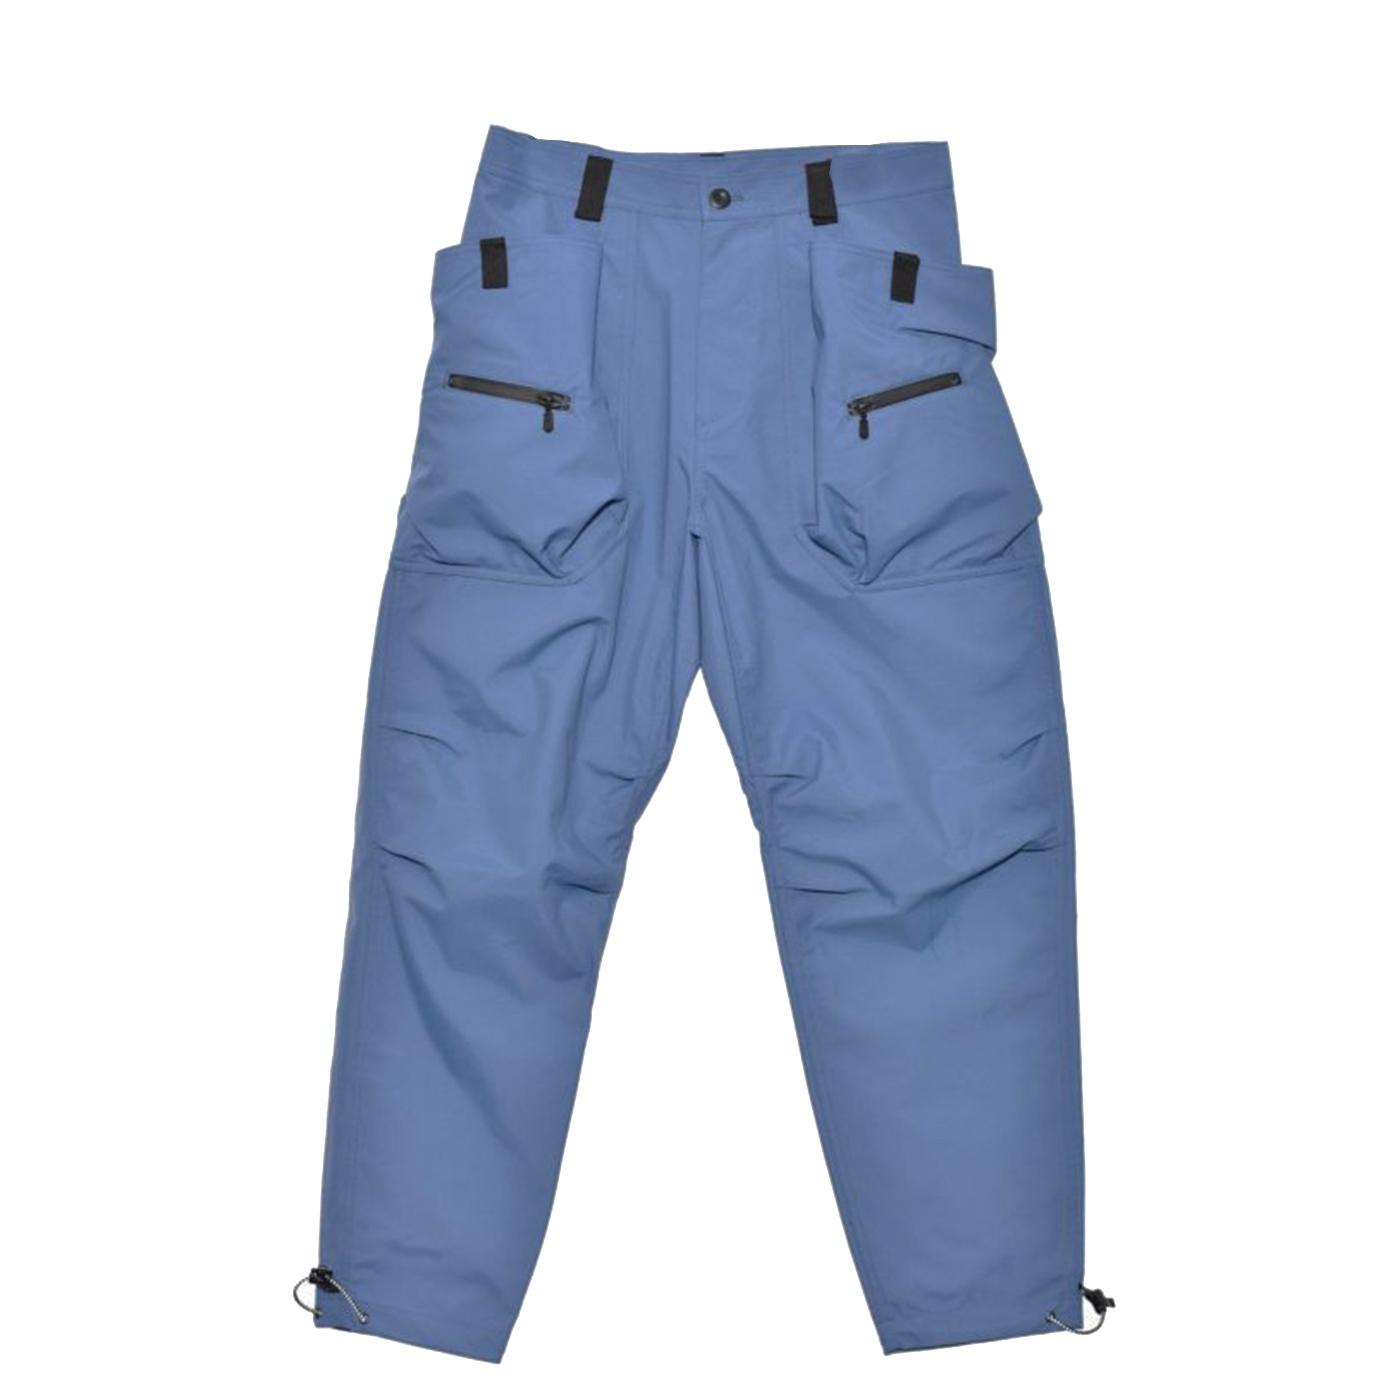 product: UTILLITY PANTS / color: BLUE 1